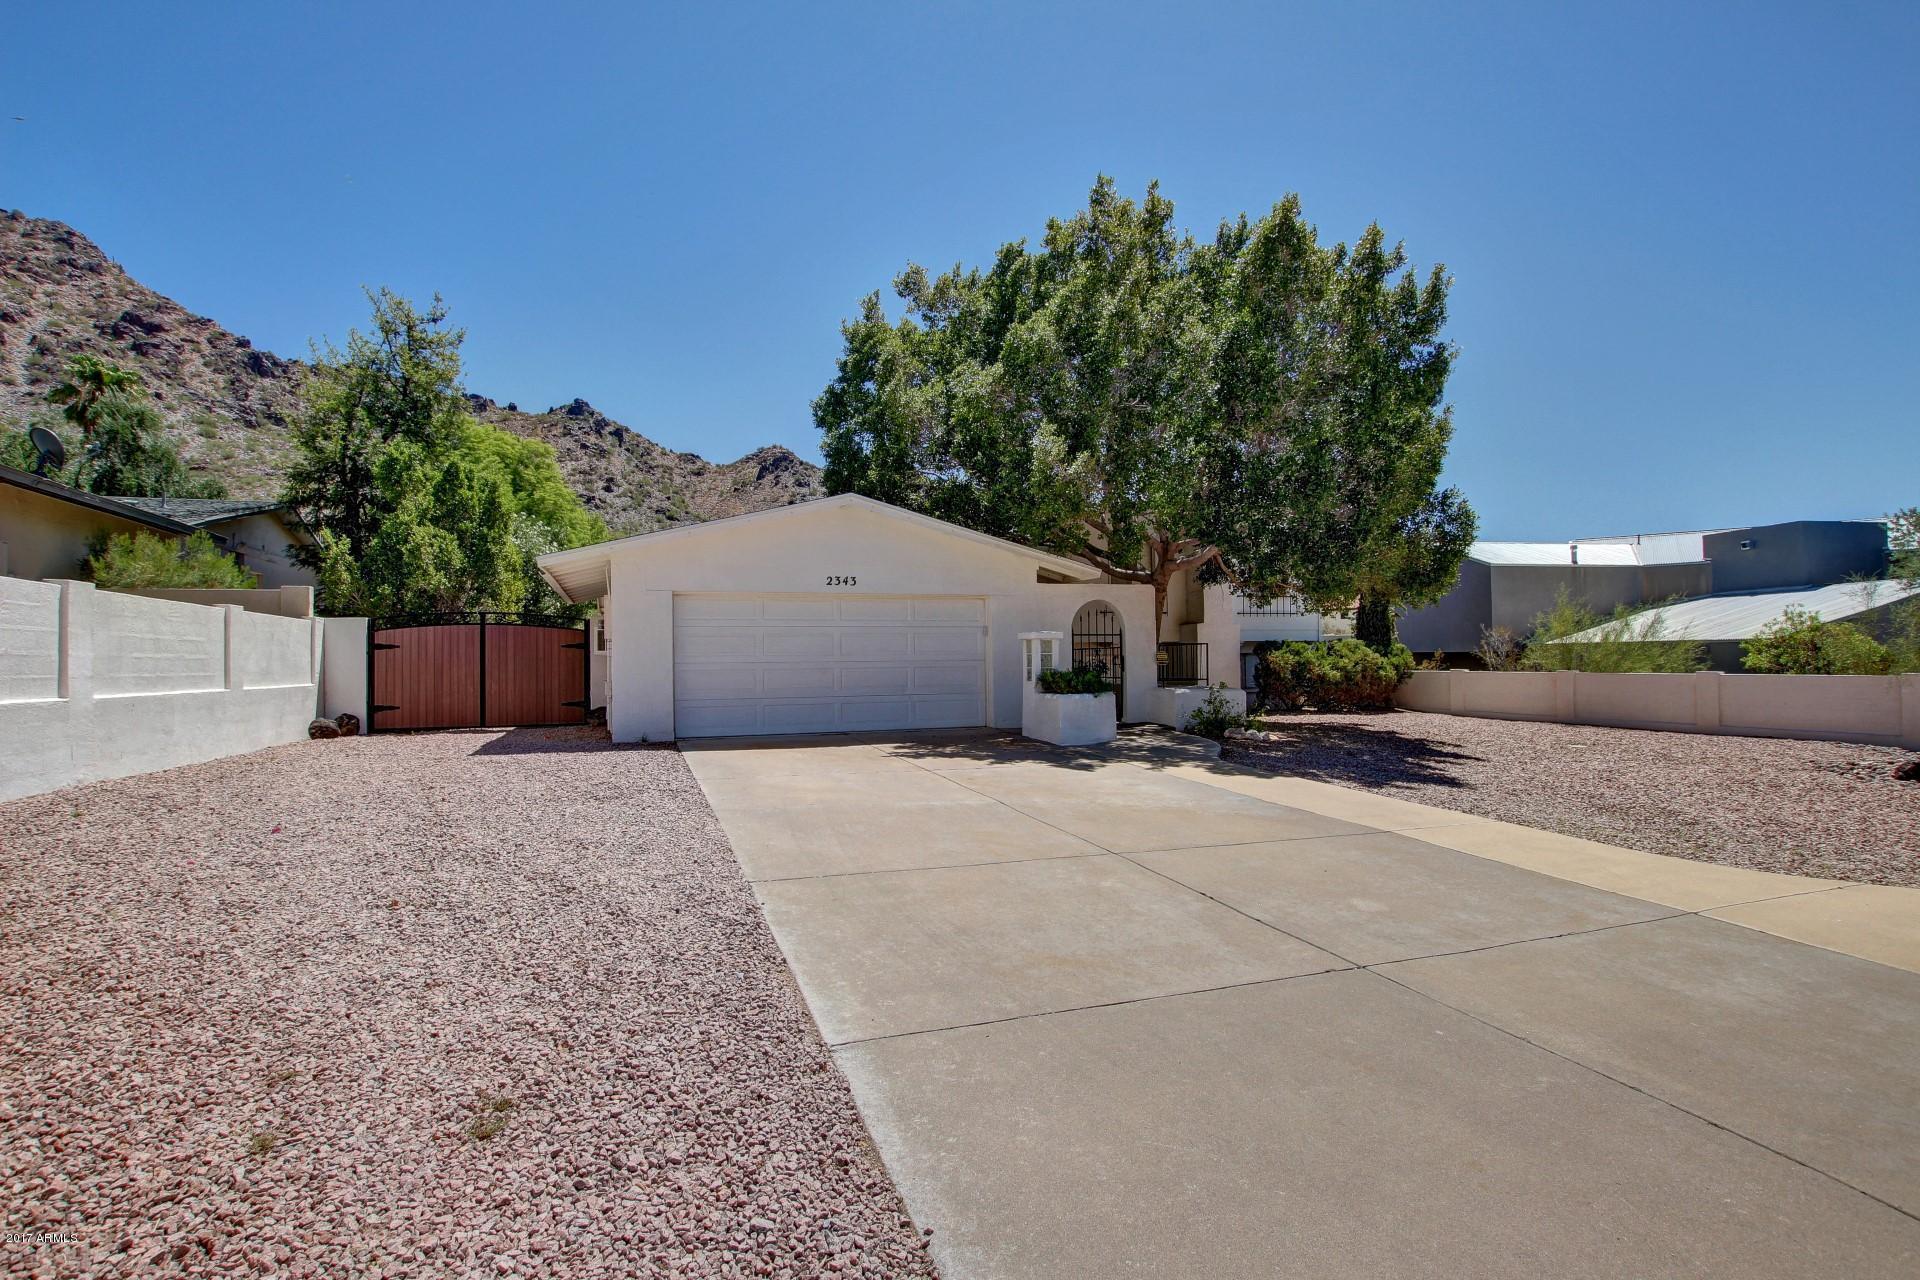 2343 E ORANGEWOOD Avenue, Phoenix AZ 85020